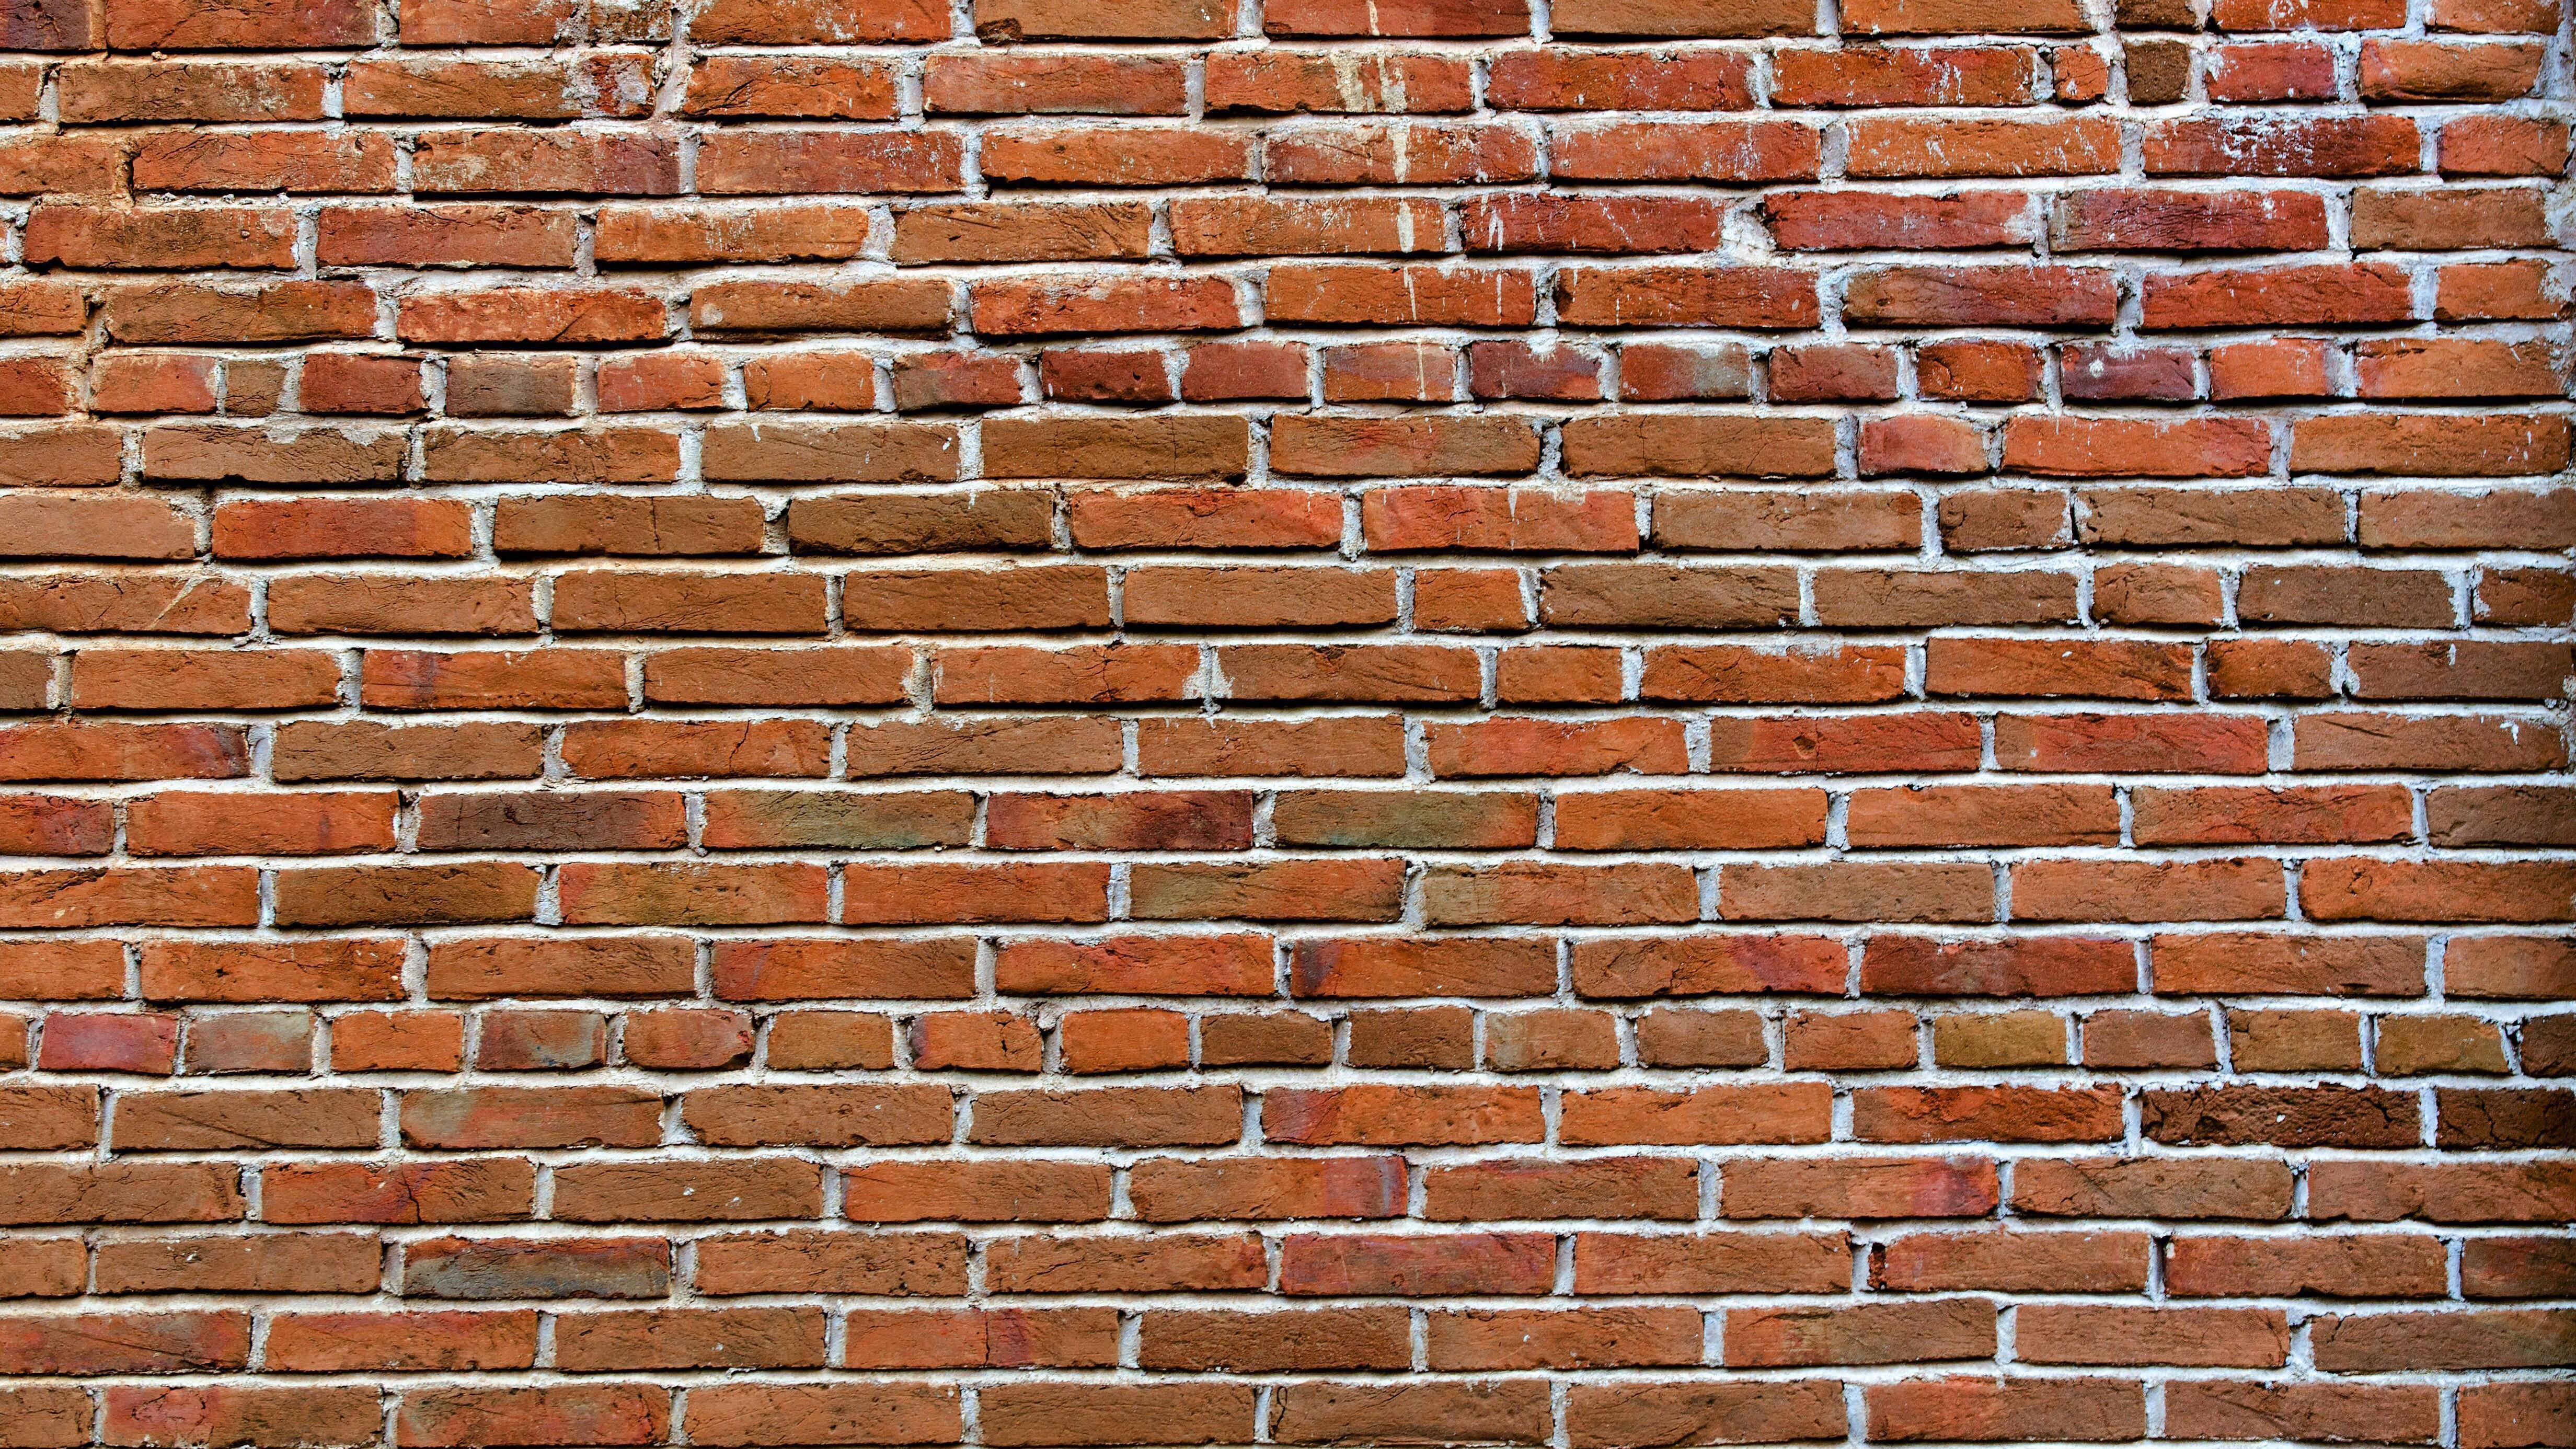 Mauerwerk abdichten: Das sollten Sie beachten